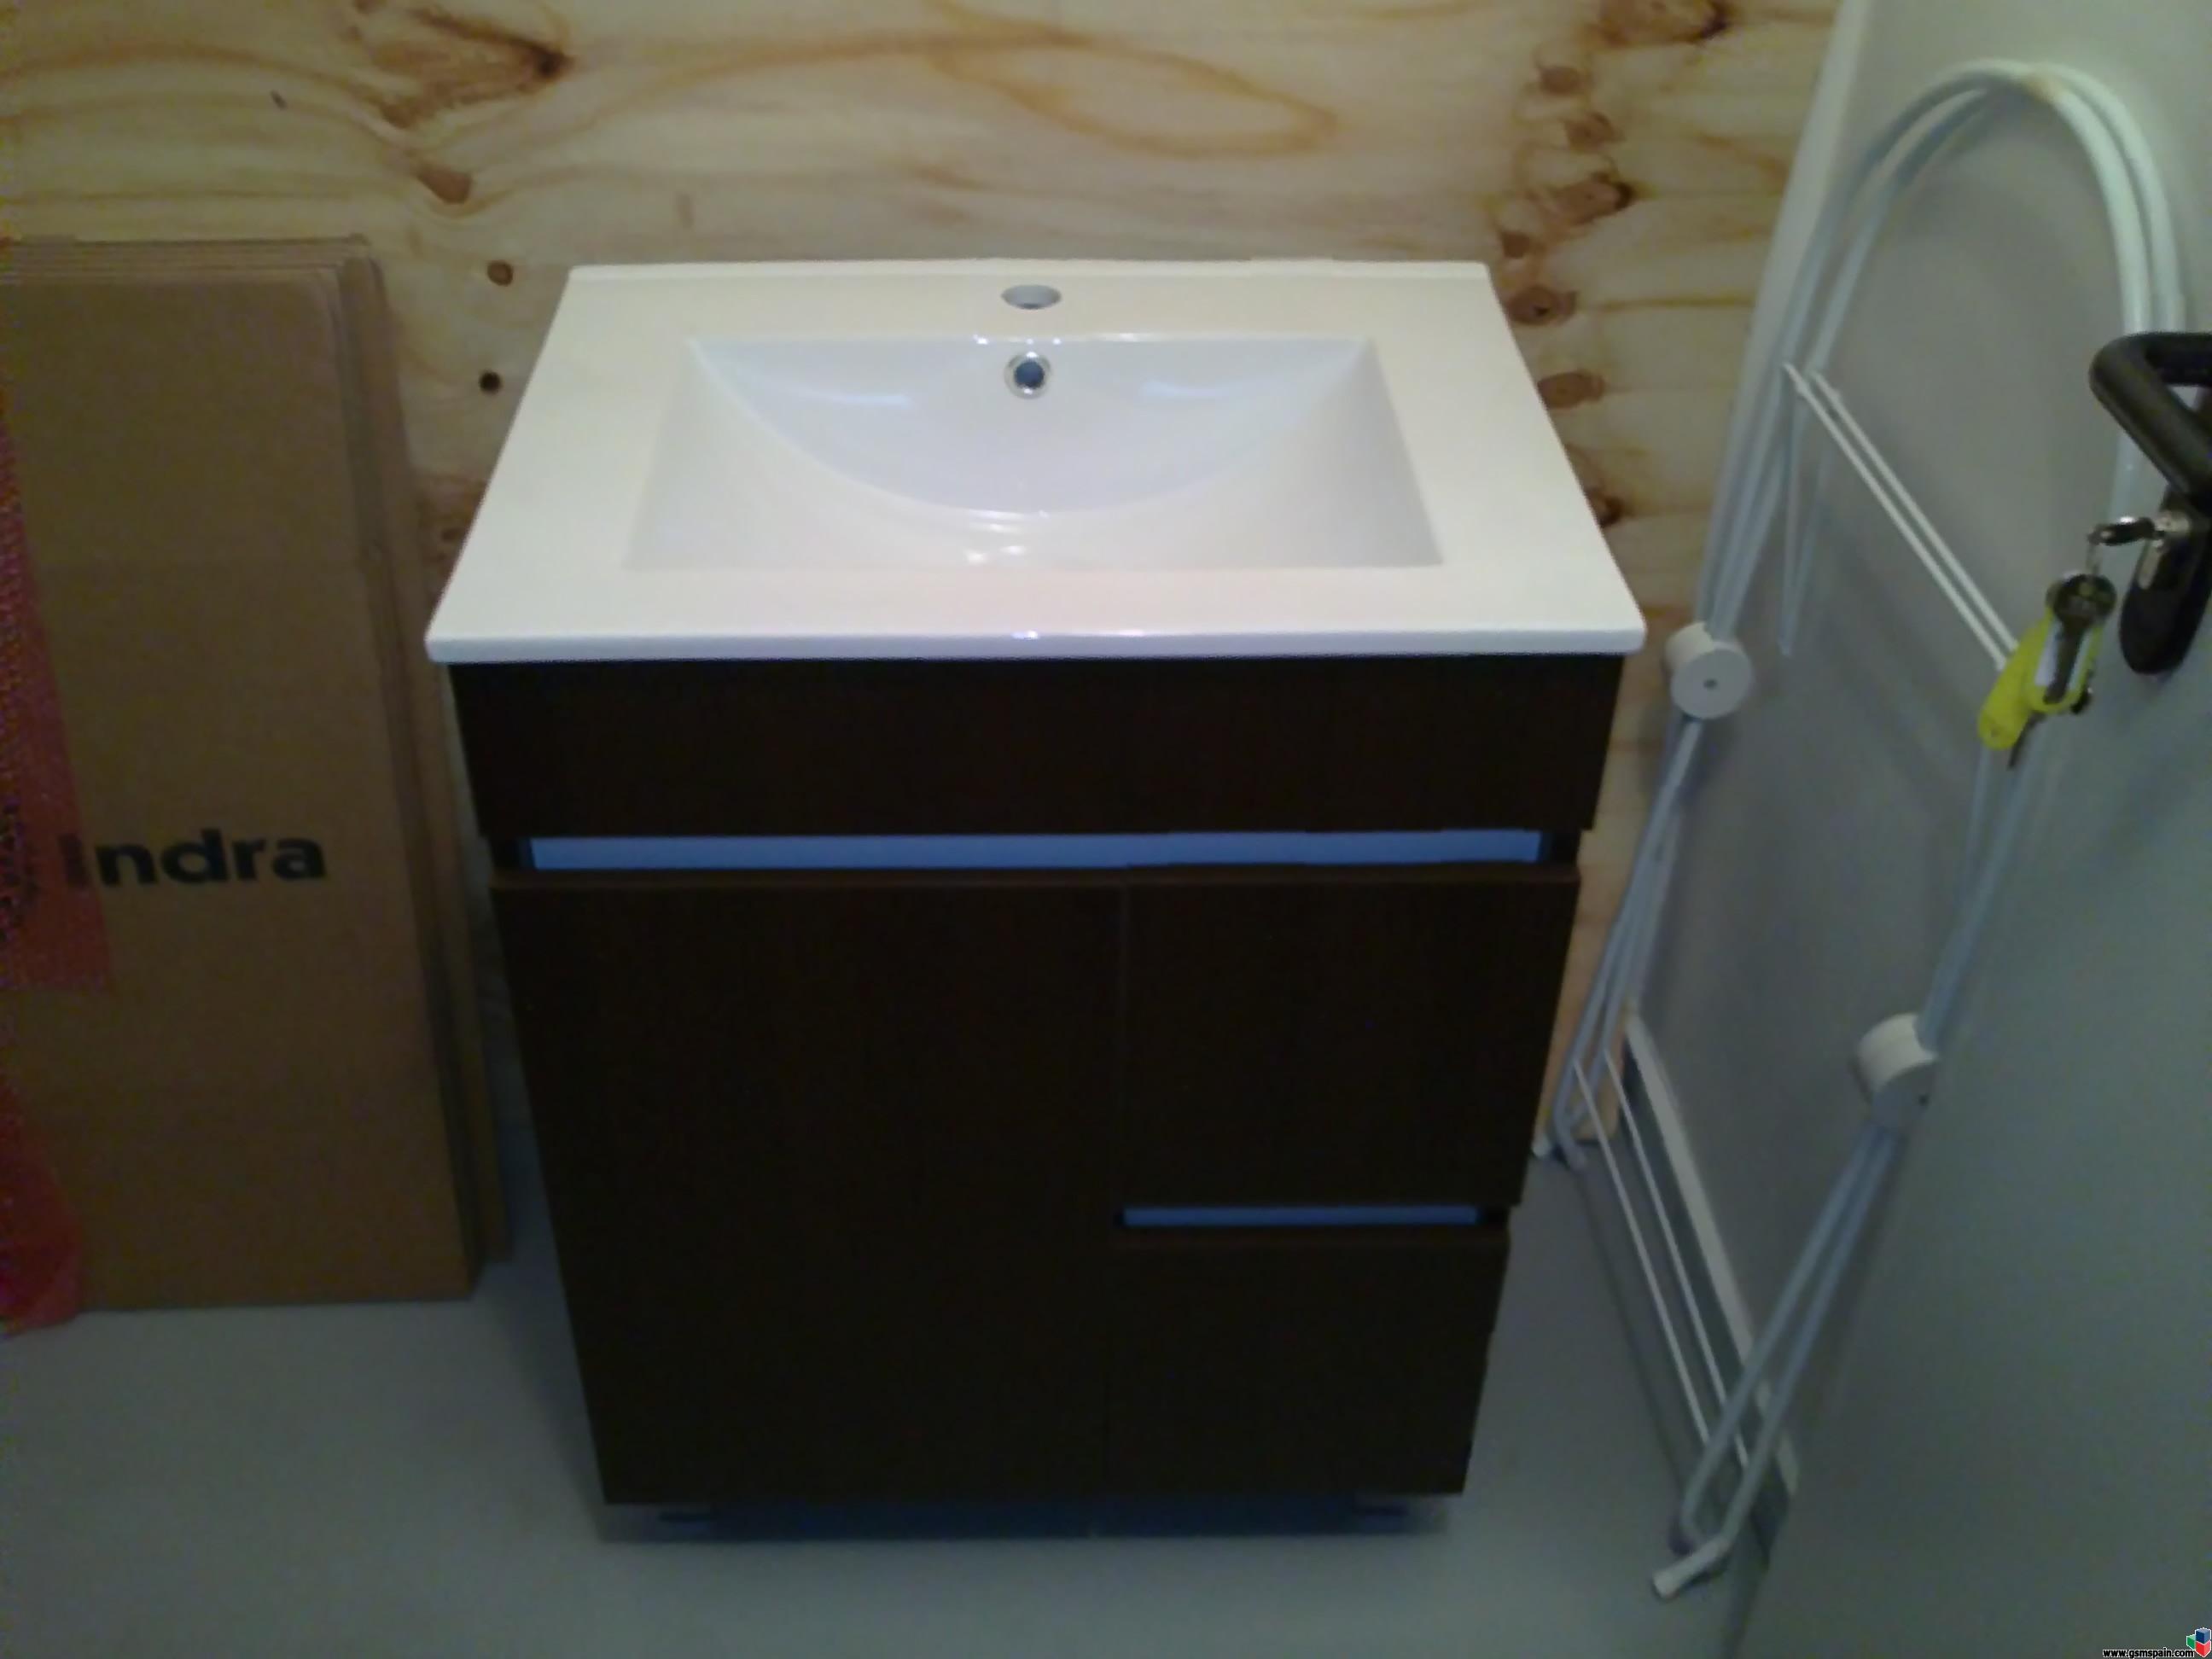 Vendo Mueble Baño Ikea : Vendo mueble de ba?o enlace directo al post